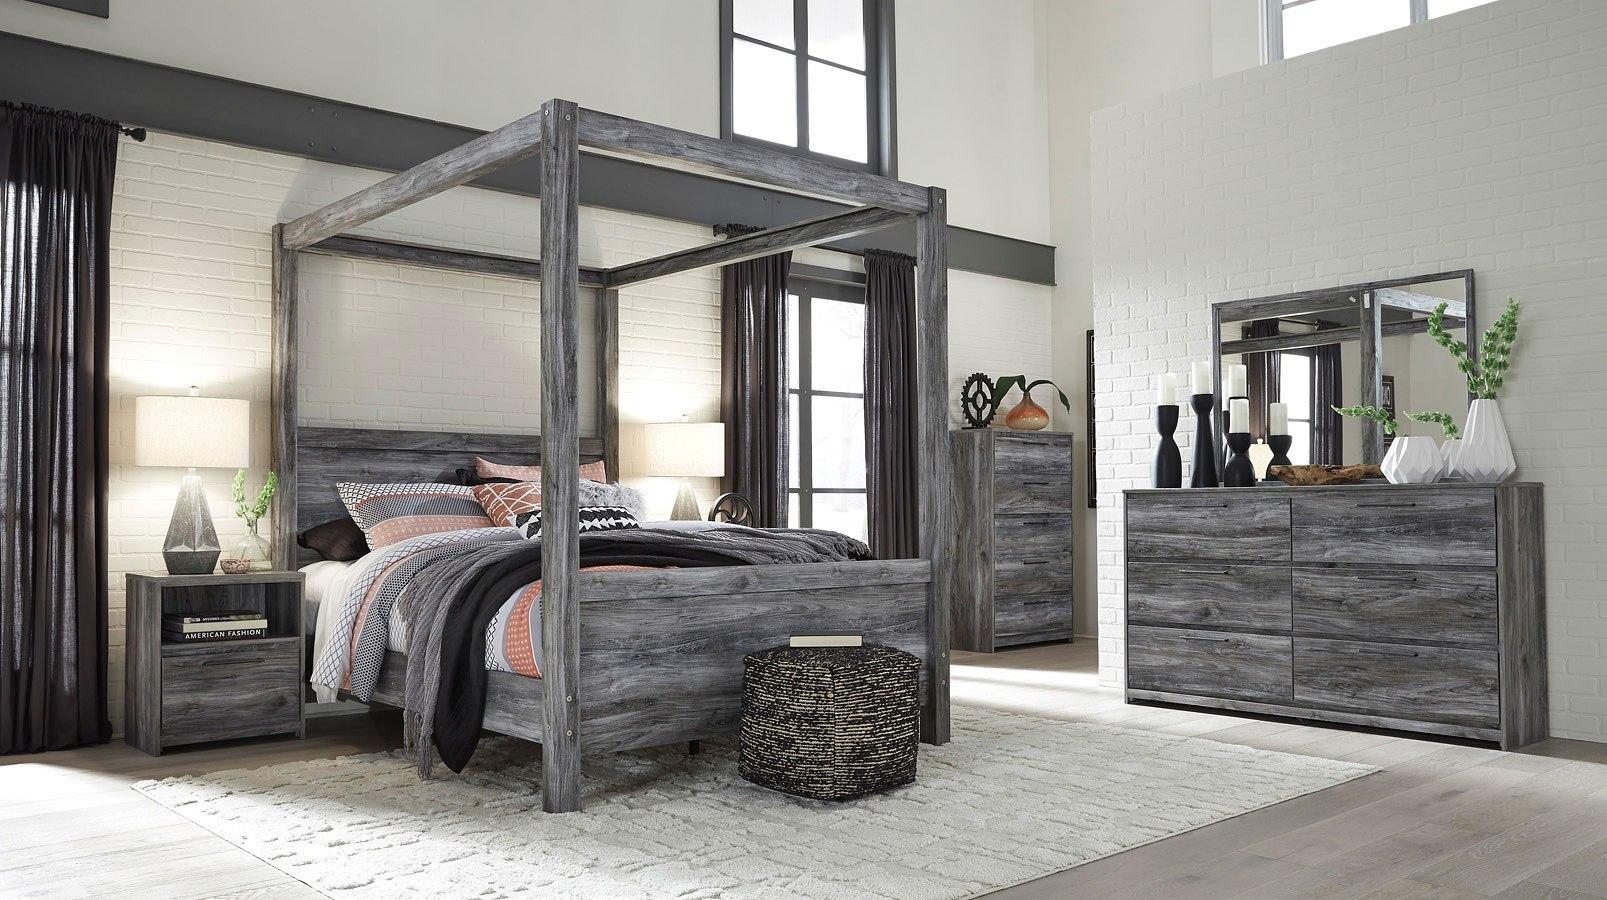 Baystorm Canopy Bedroom Set